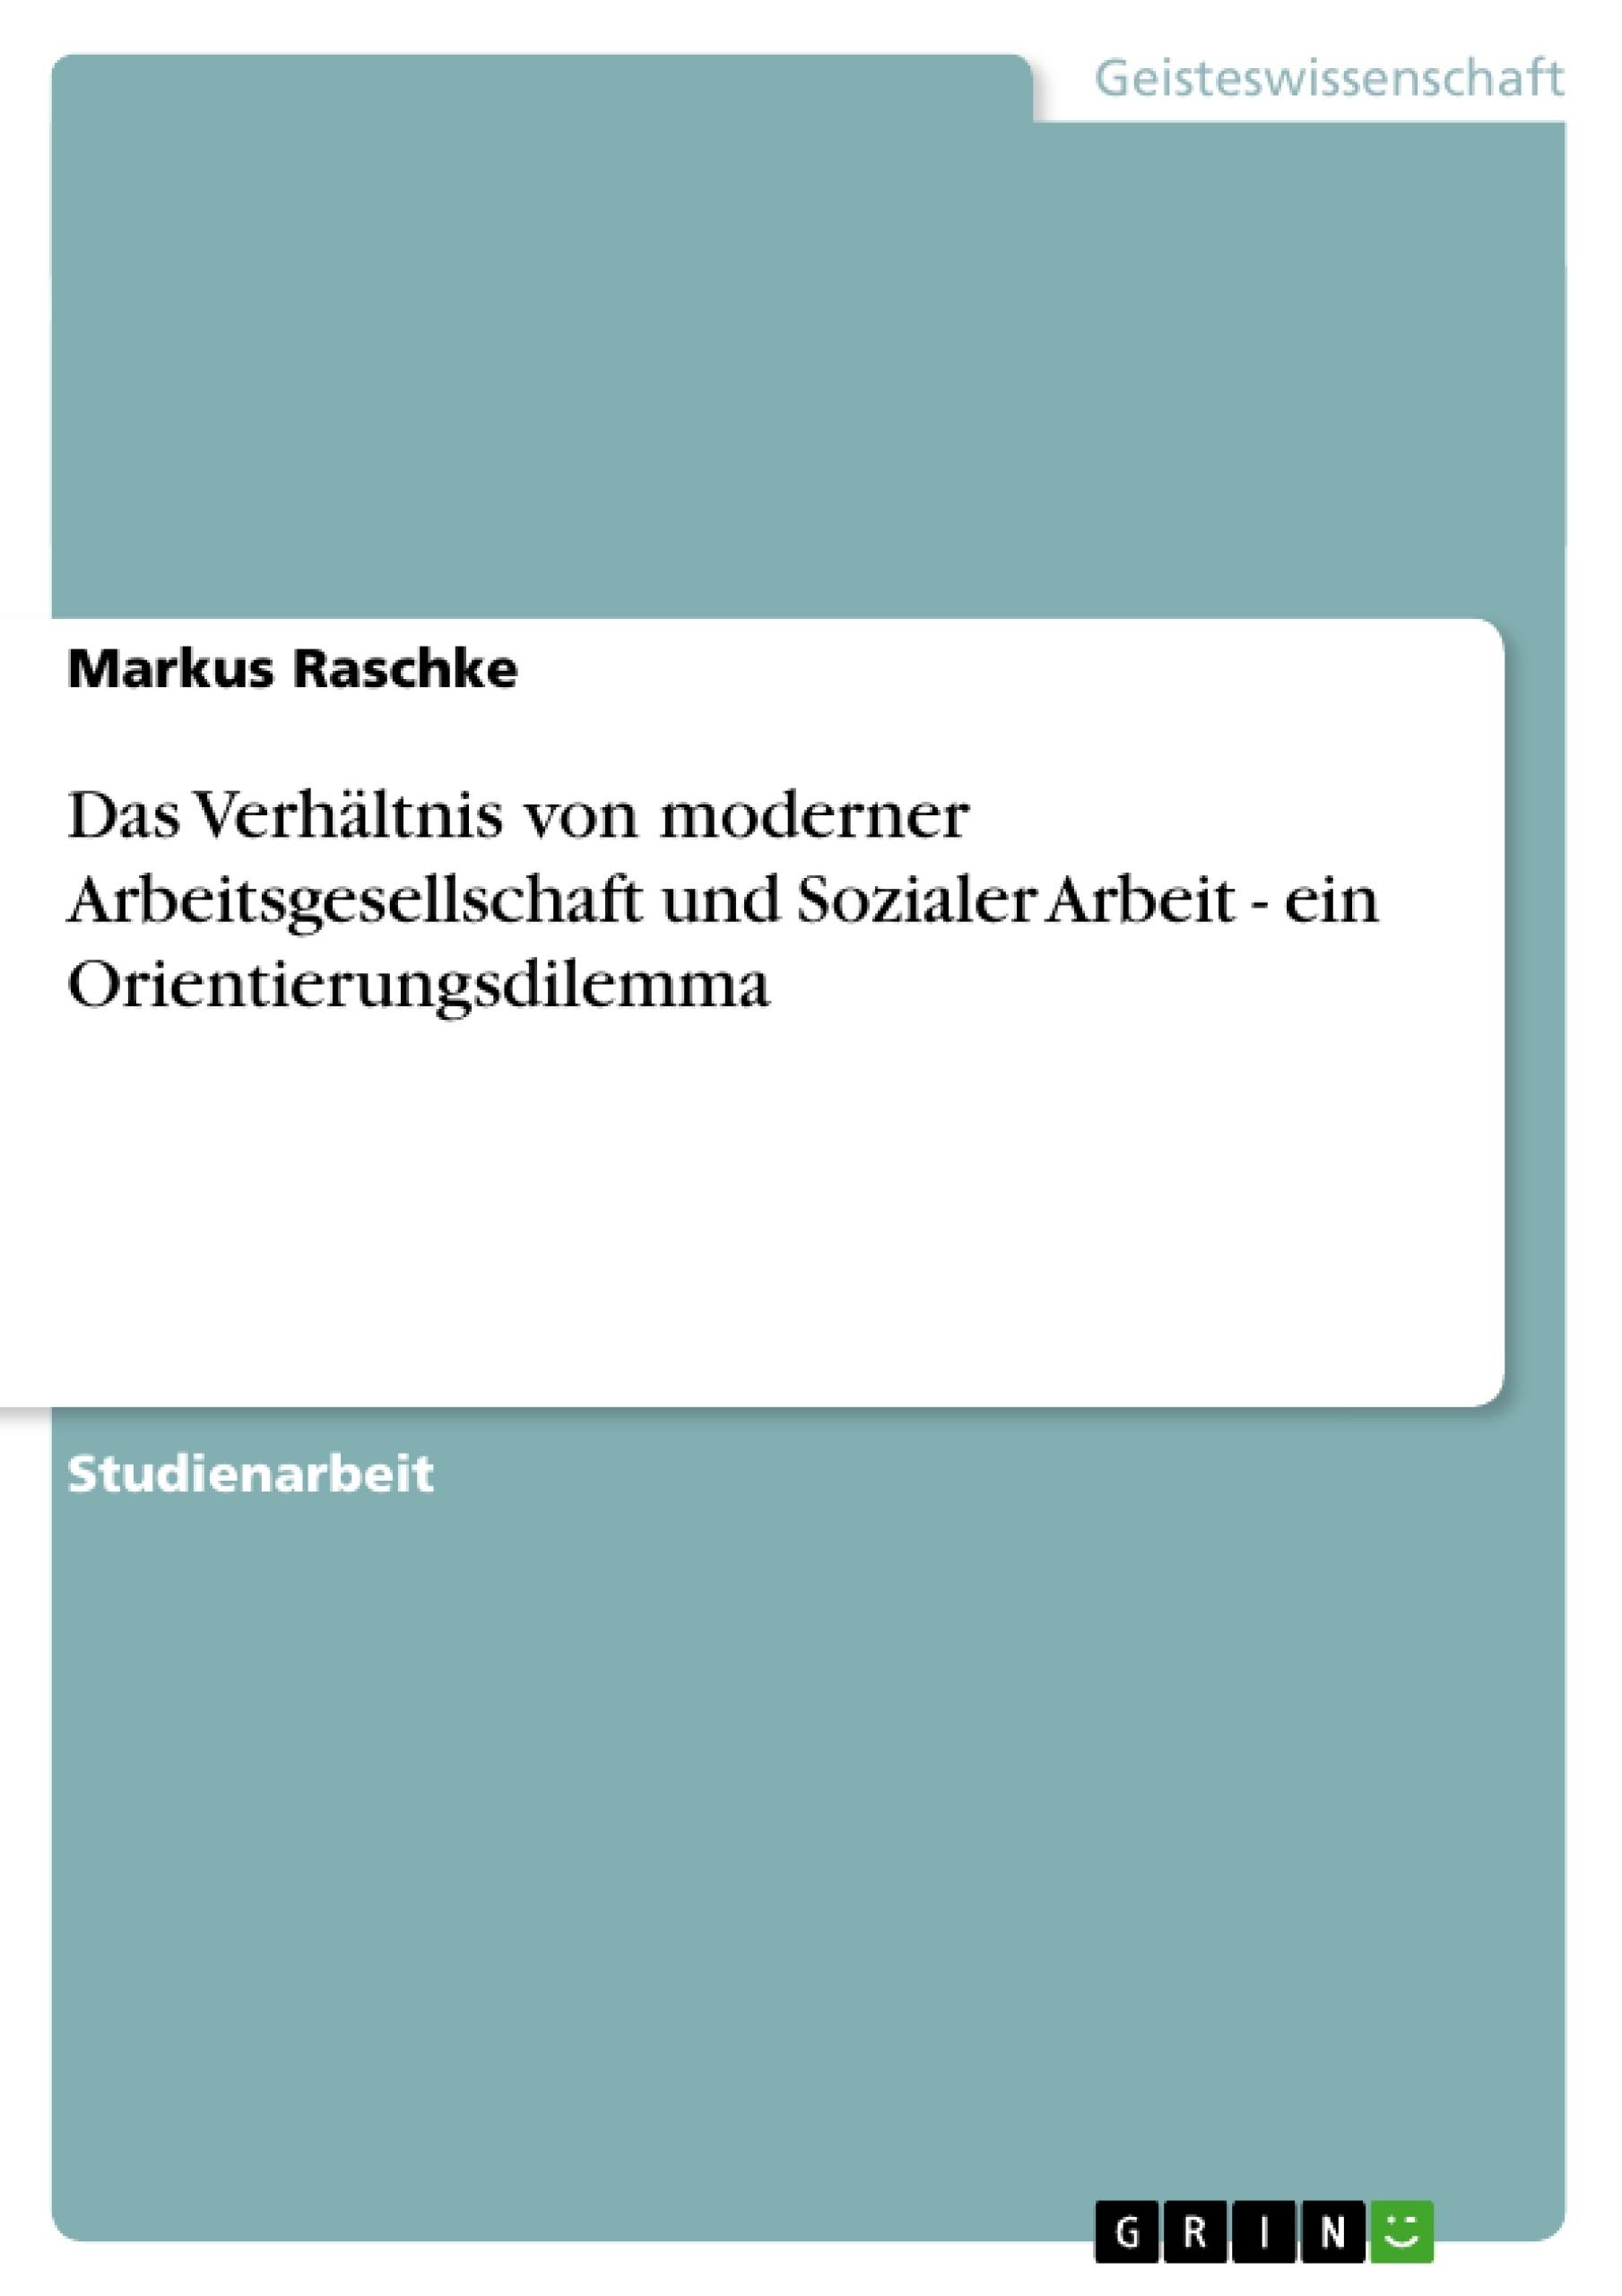 Titel: Das Verhältnis von moderner Arbeitsgesellschaft und Sozialer Arbeit - ein Orientierungsdilemma